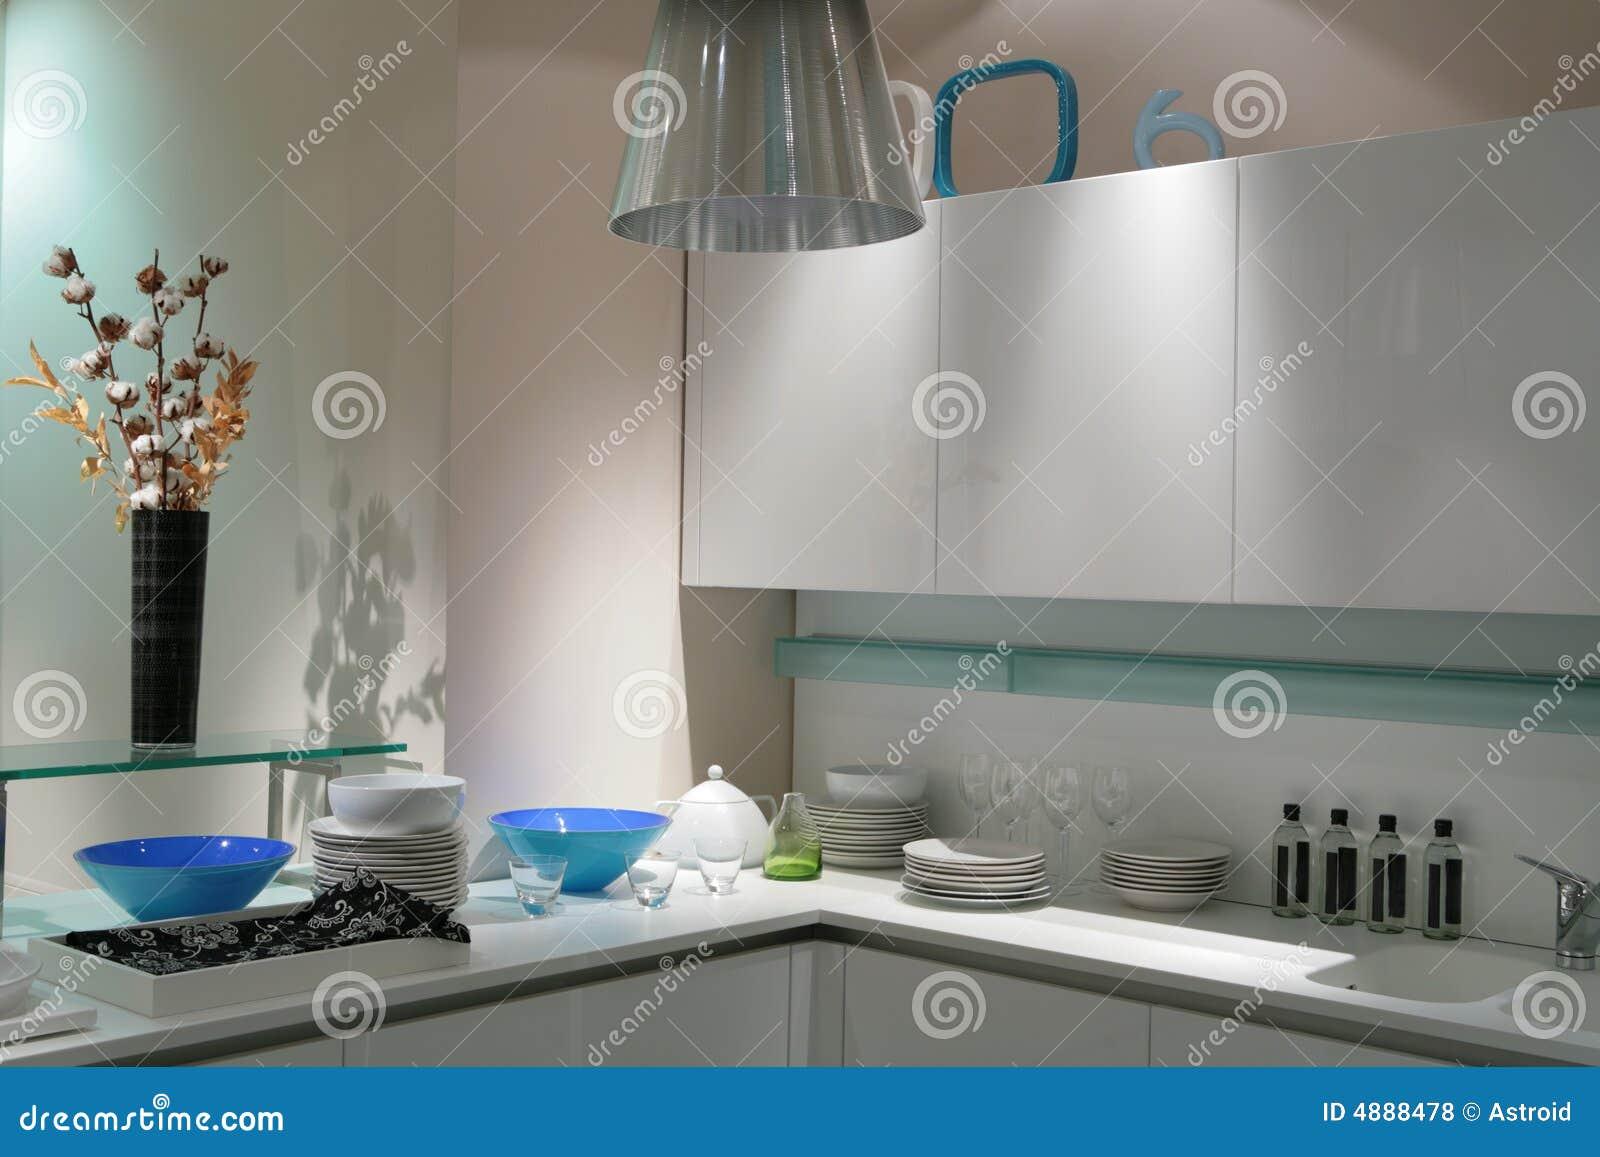 Cucina moderna bianca fotografie stock libere da diritti - Cucina moderna bianca ...